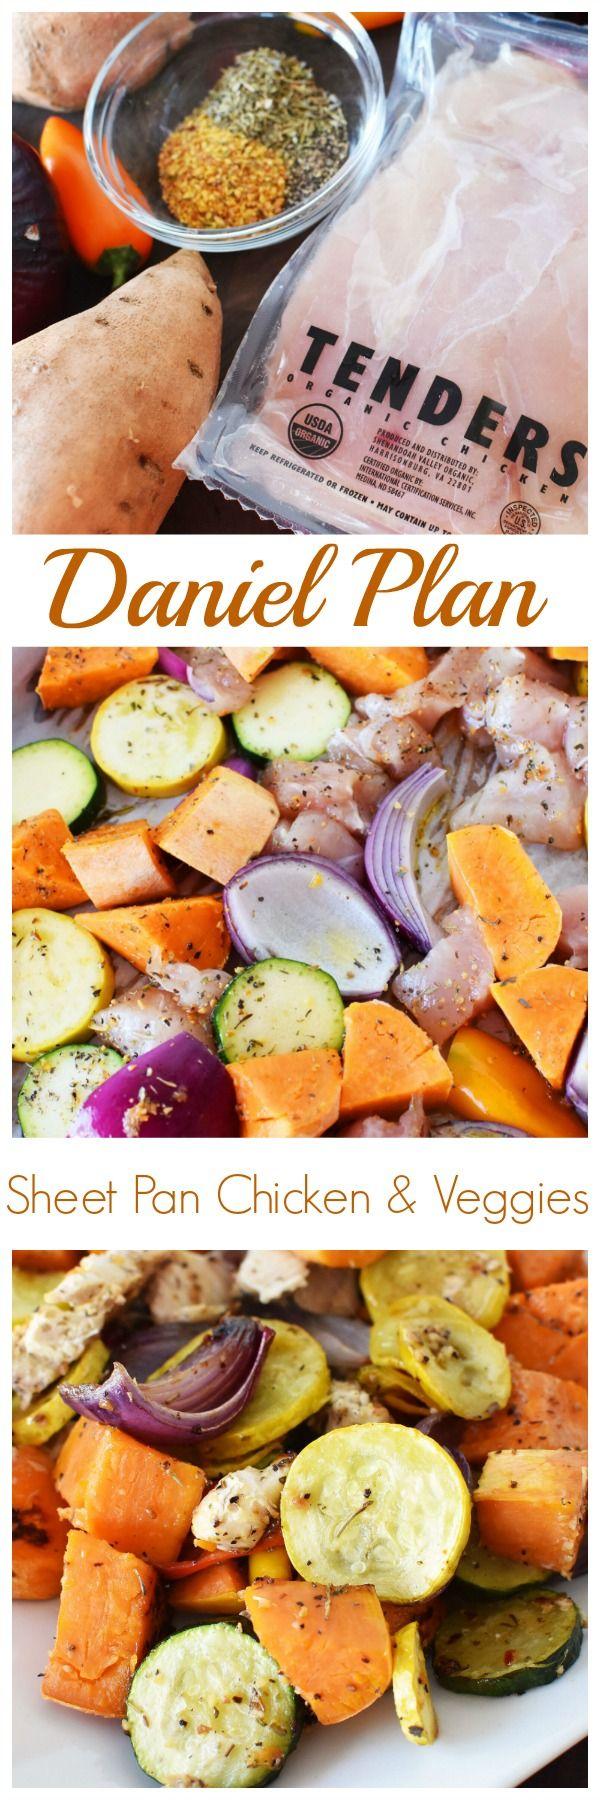 Daniel Plan Sheet Pan Chicken and Veggies